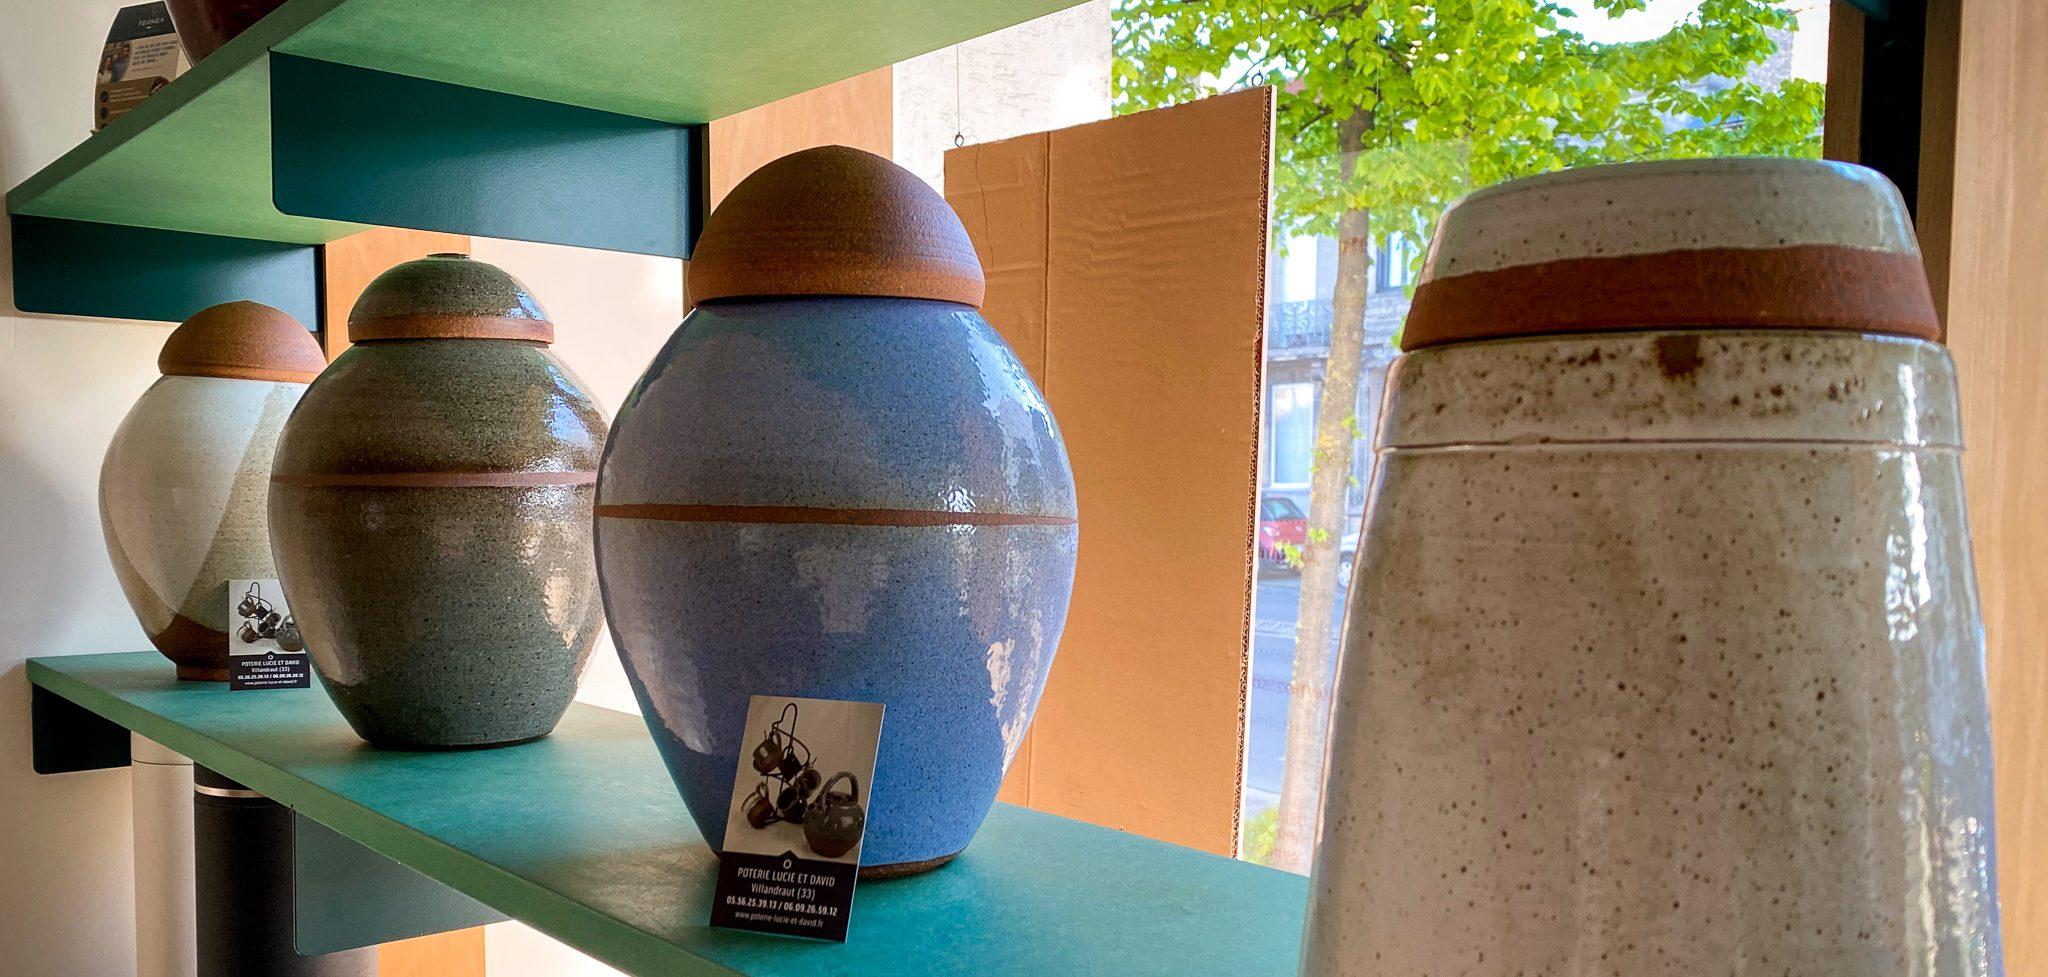 De nouvelles urnes !